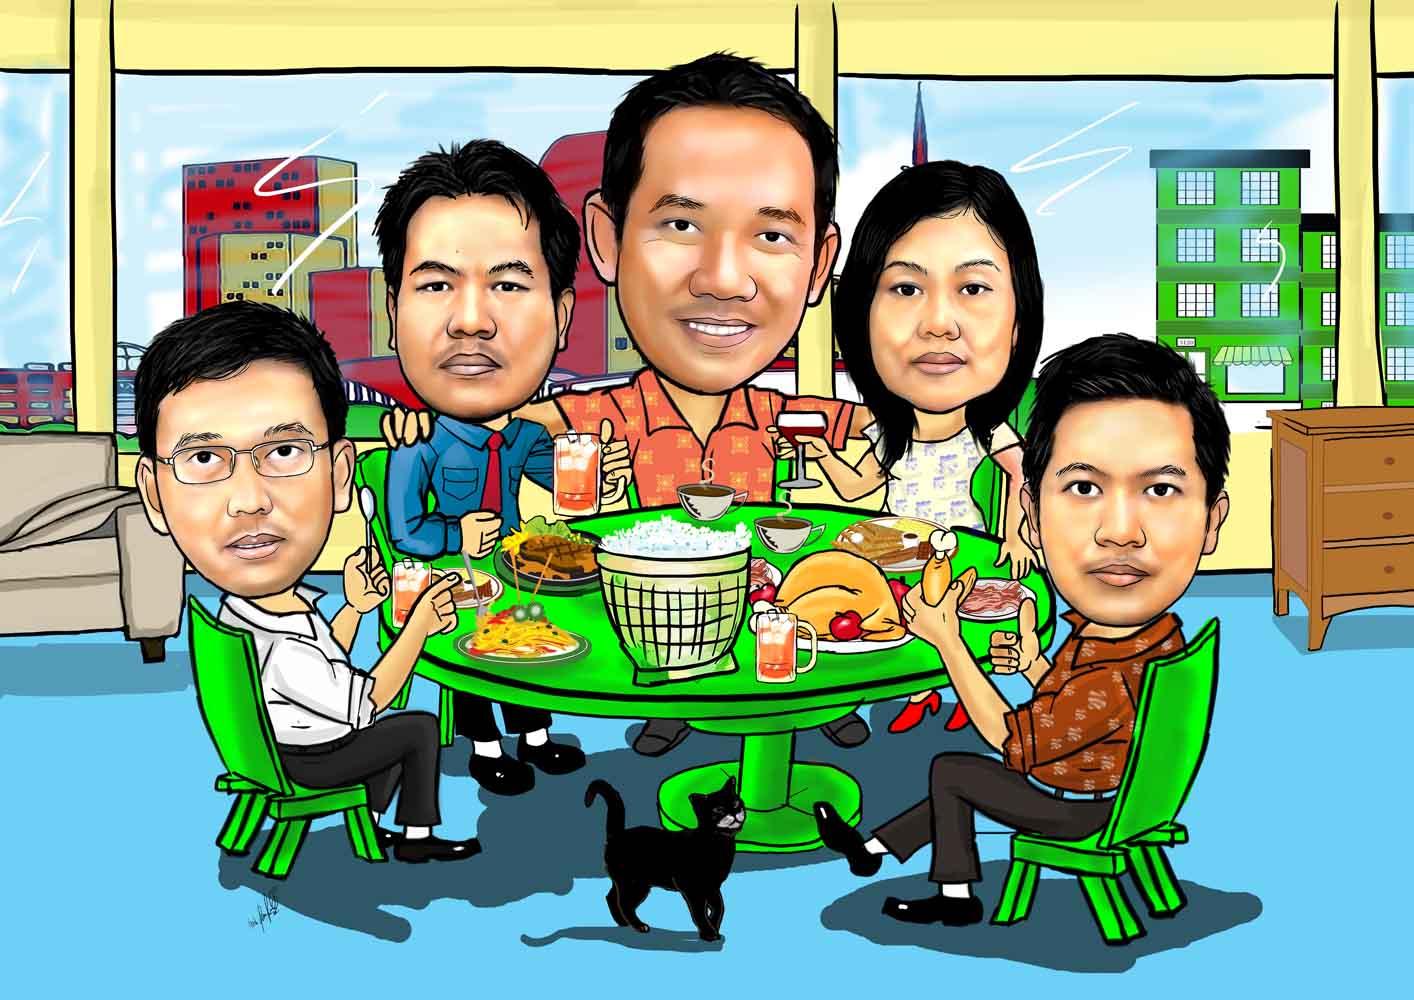 Jasa Karikatur Wajah Karikatur Digital Dan Manual 2015